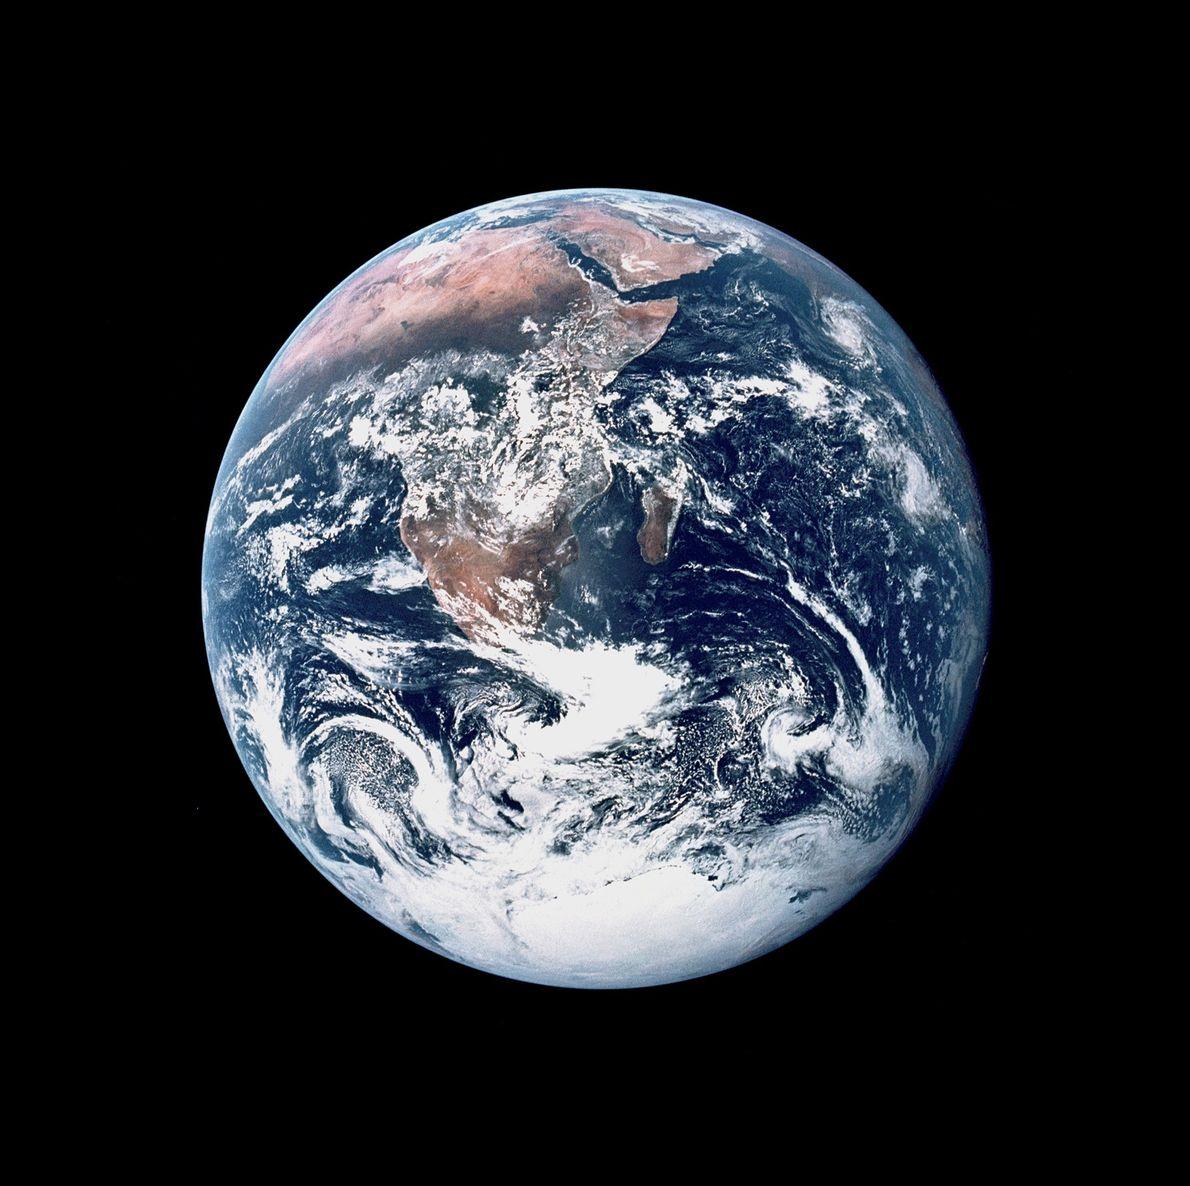 A tripulação da Apollo 17 capturou esta vista da Terra